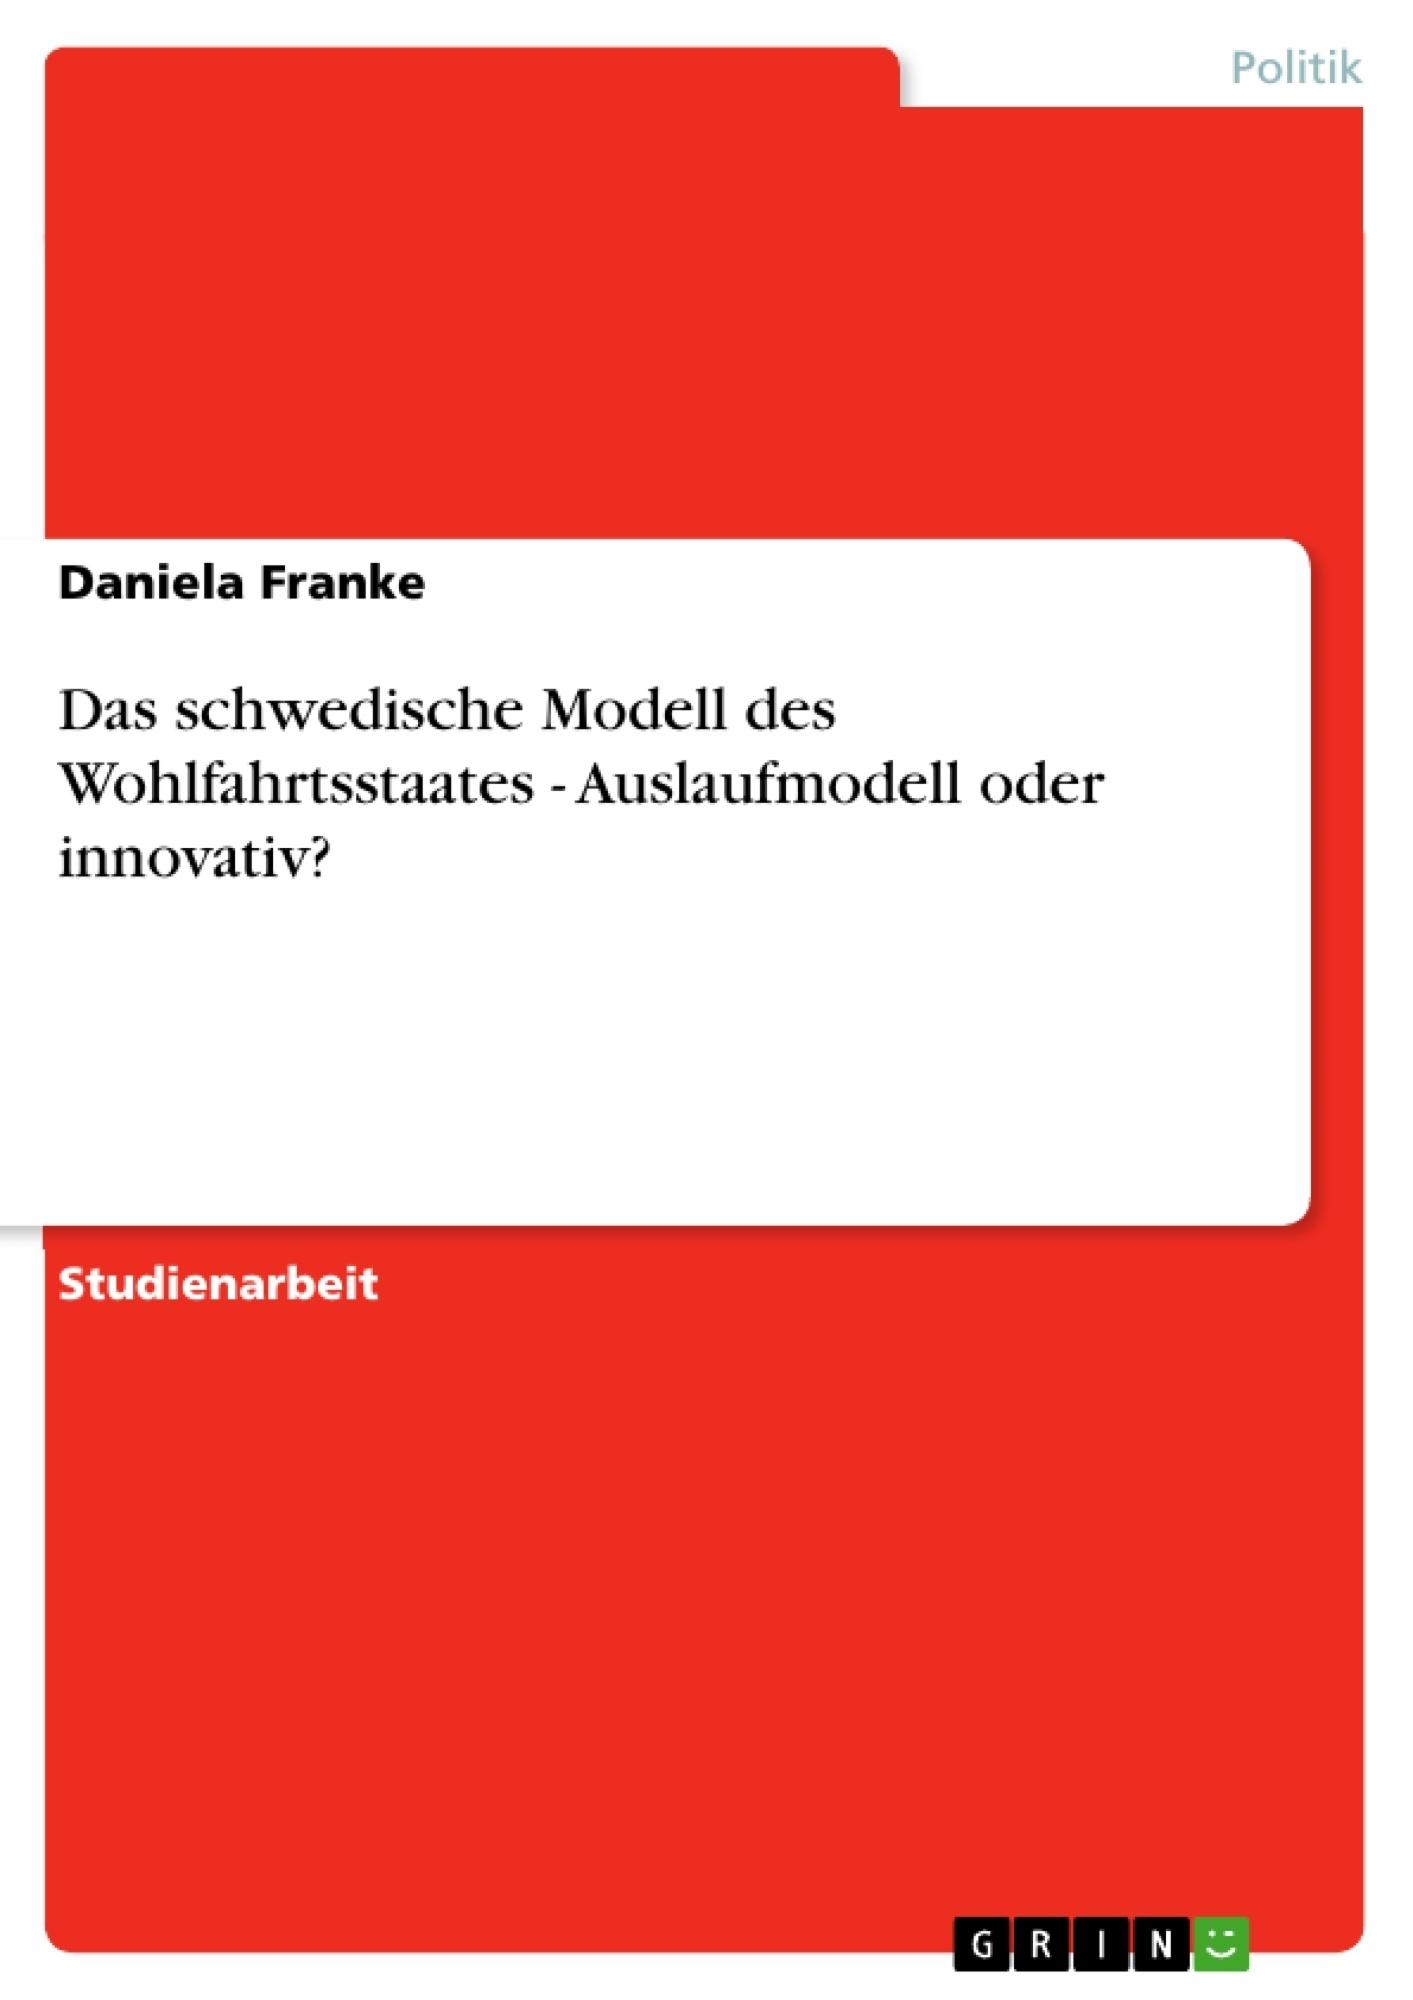 Titel: Das schwedische Modell des Wohlfahrtsstaates - Auslaufmodell oder innovativ?